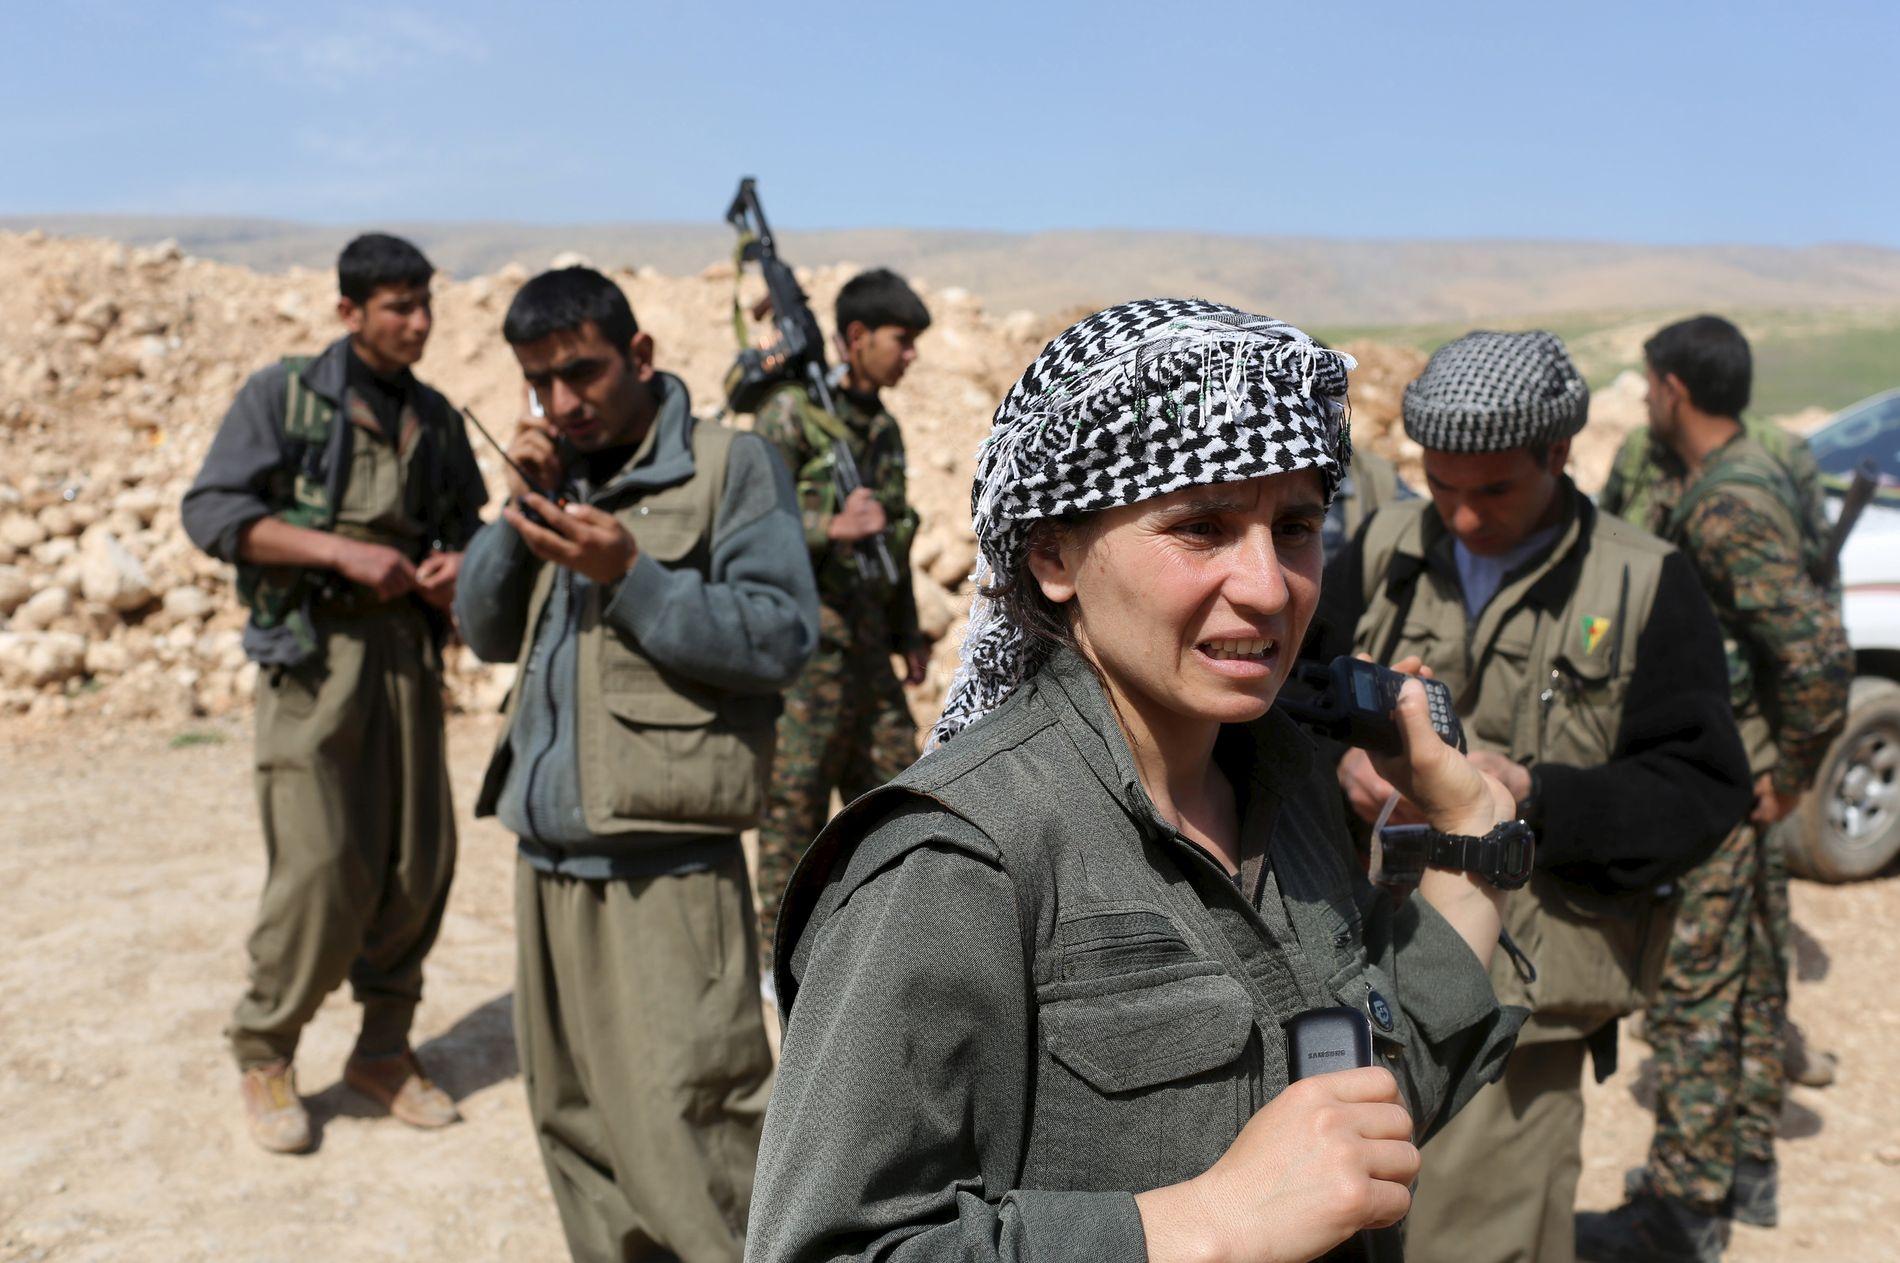 VIL HA SELVSTYRE: PKK er et kurdisk arbeiderparti med en væpnet gren som kjemper for selvstyre. Bildet viser kvinnelige PKK-krigere i Sinjar i nordvestlige Irak mars 2015.